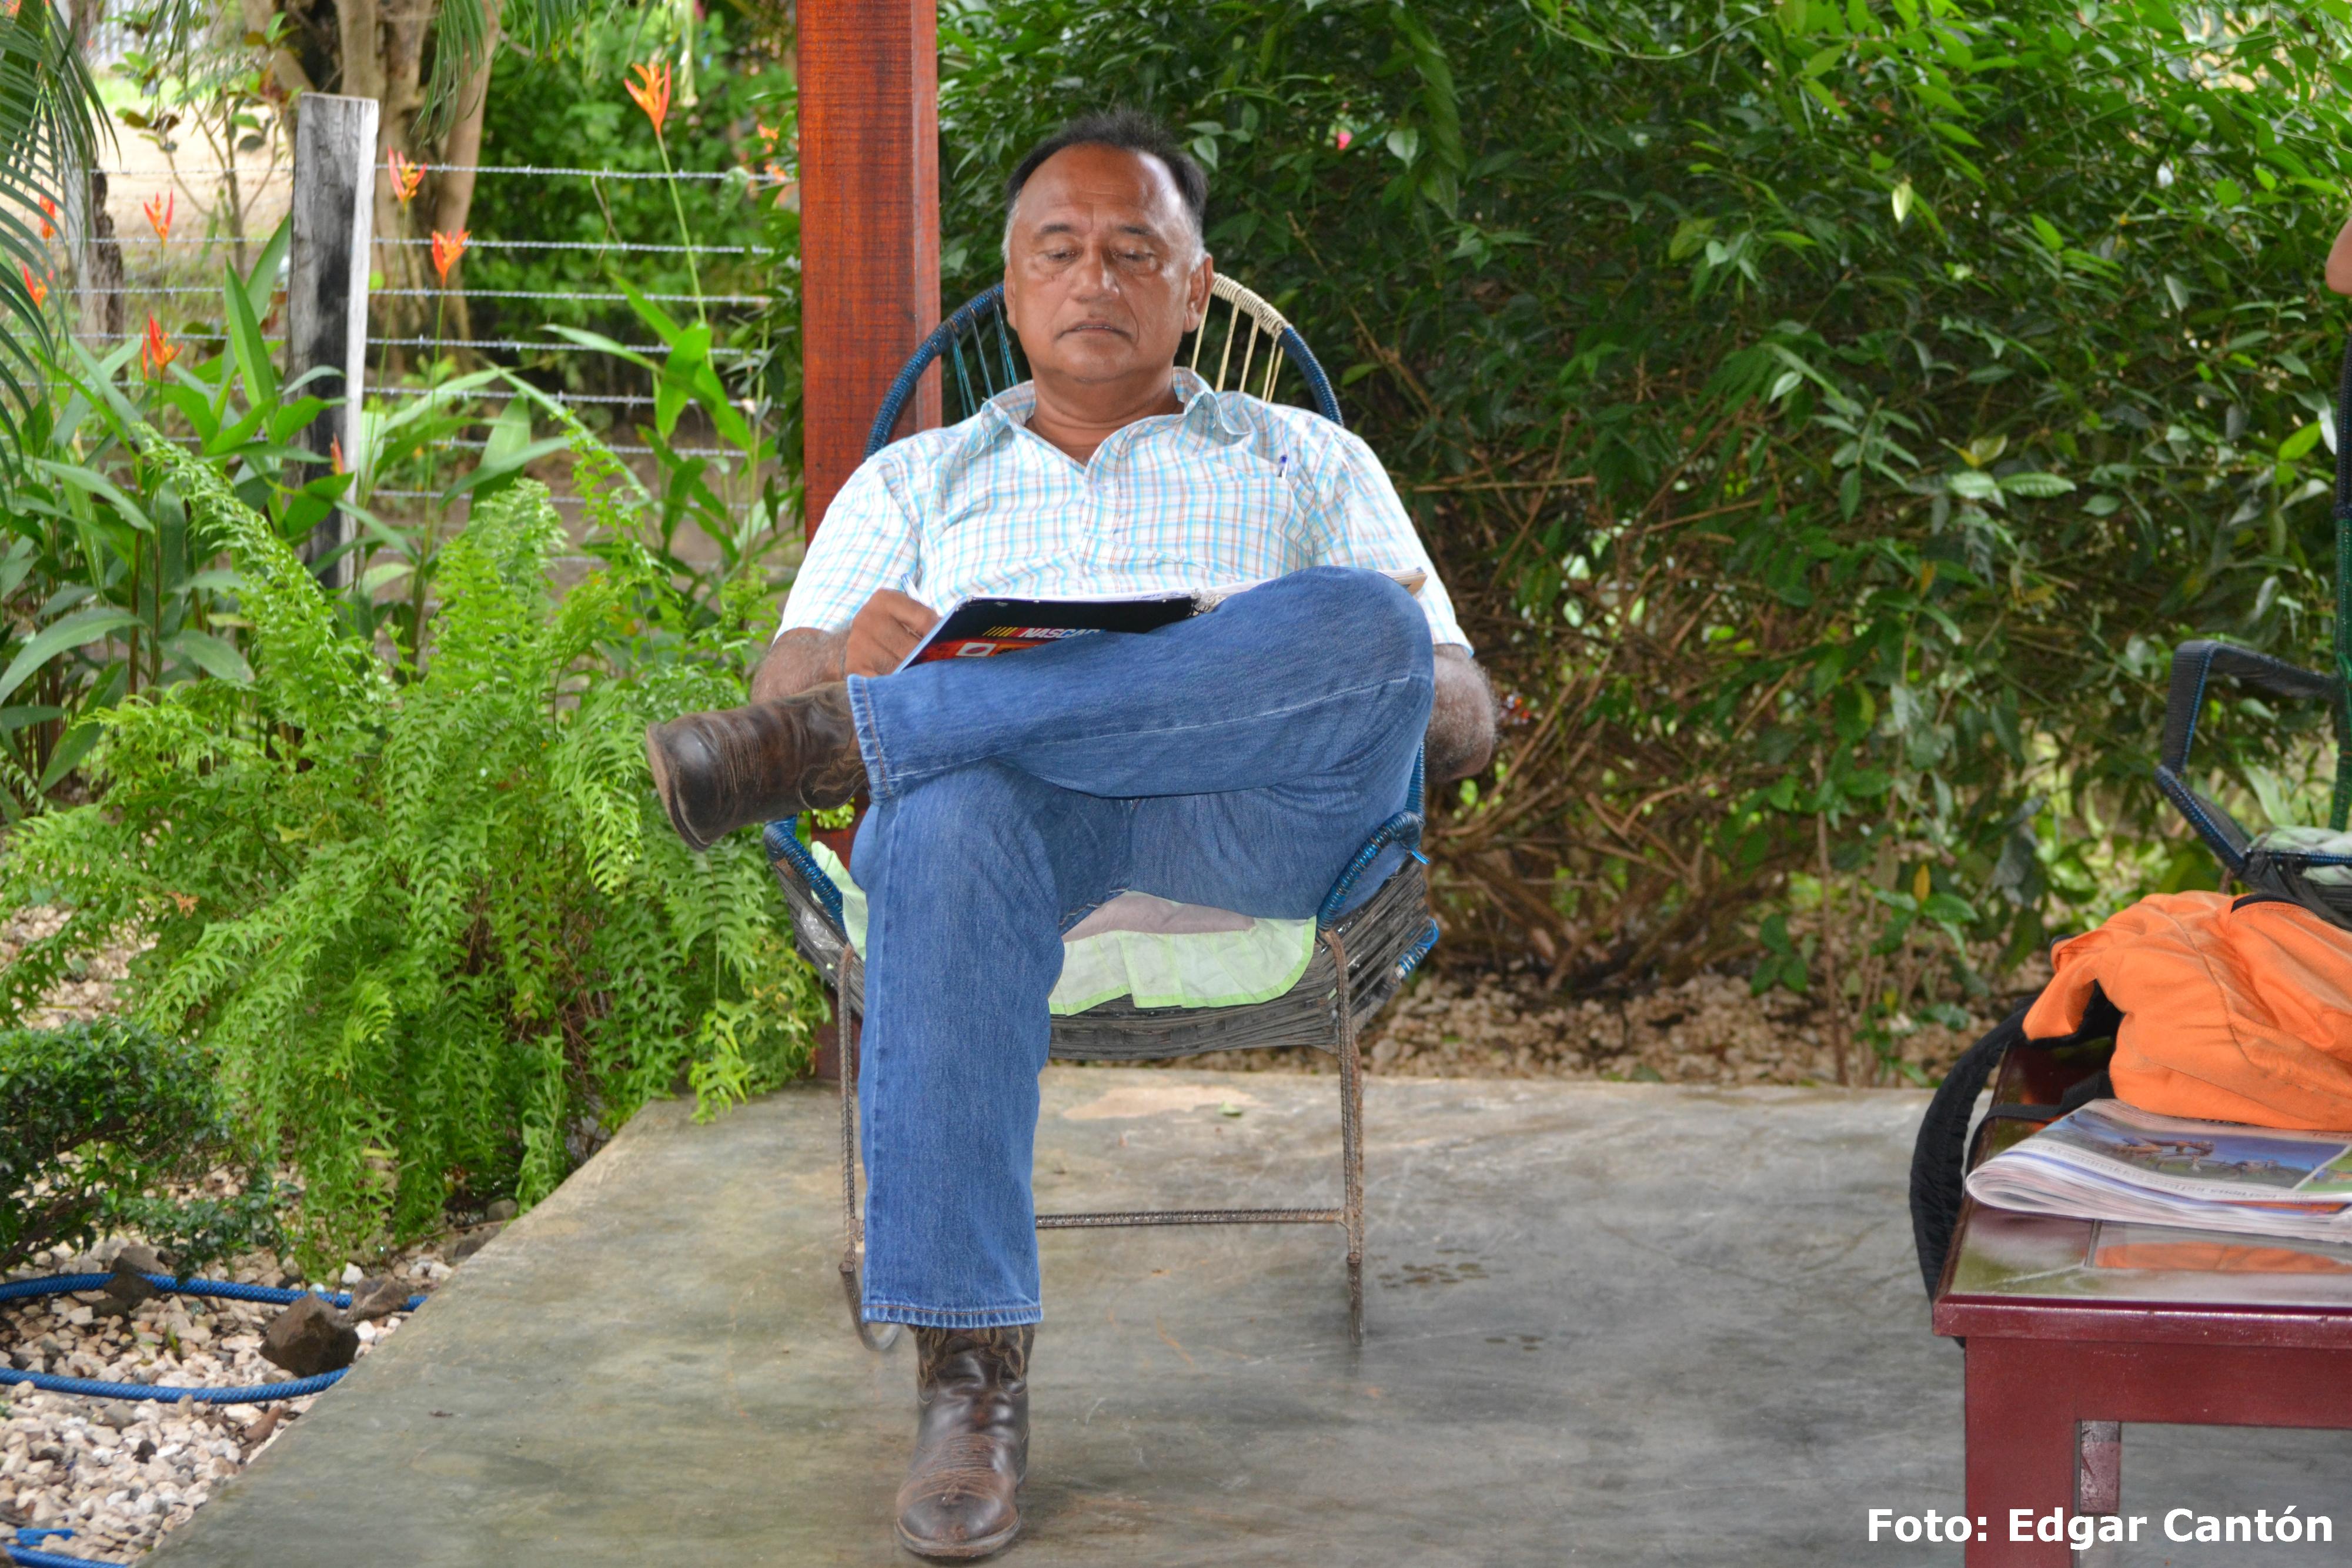 Líder comunal de Carrillo preocupado por lo que está sucediendo en la provincia de Guanacaste